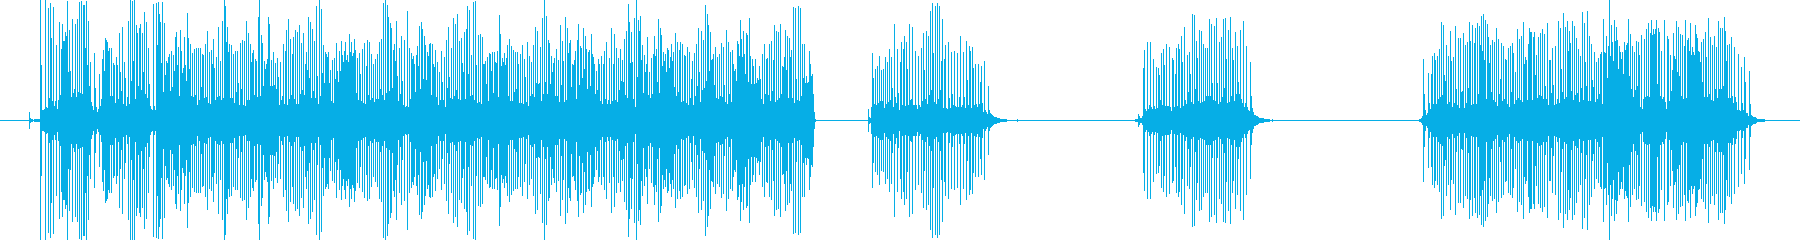 釣りのリールの音、キリキリと糸を巻く音の再生済みの波形